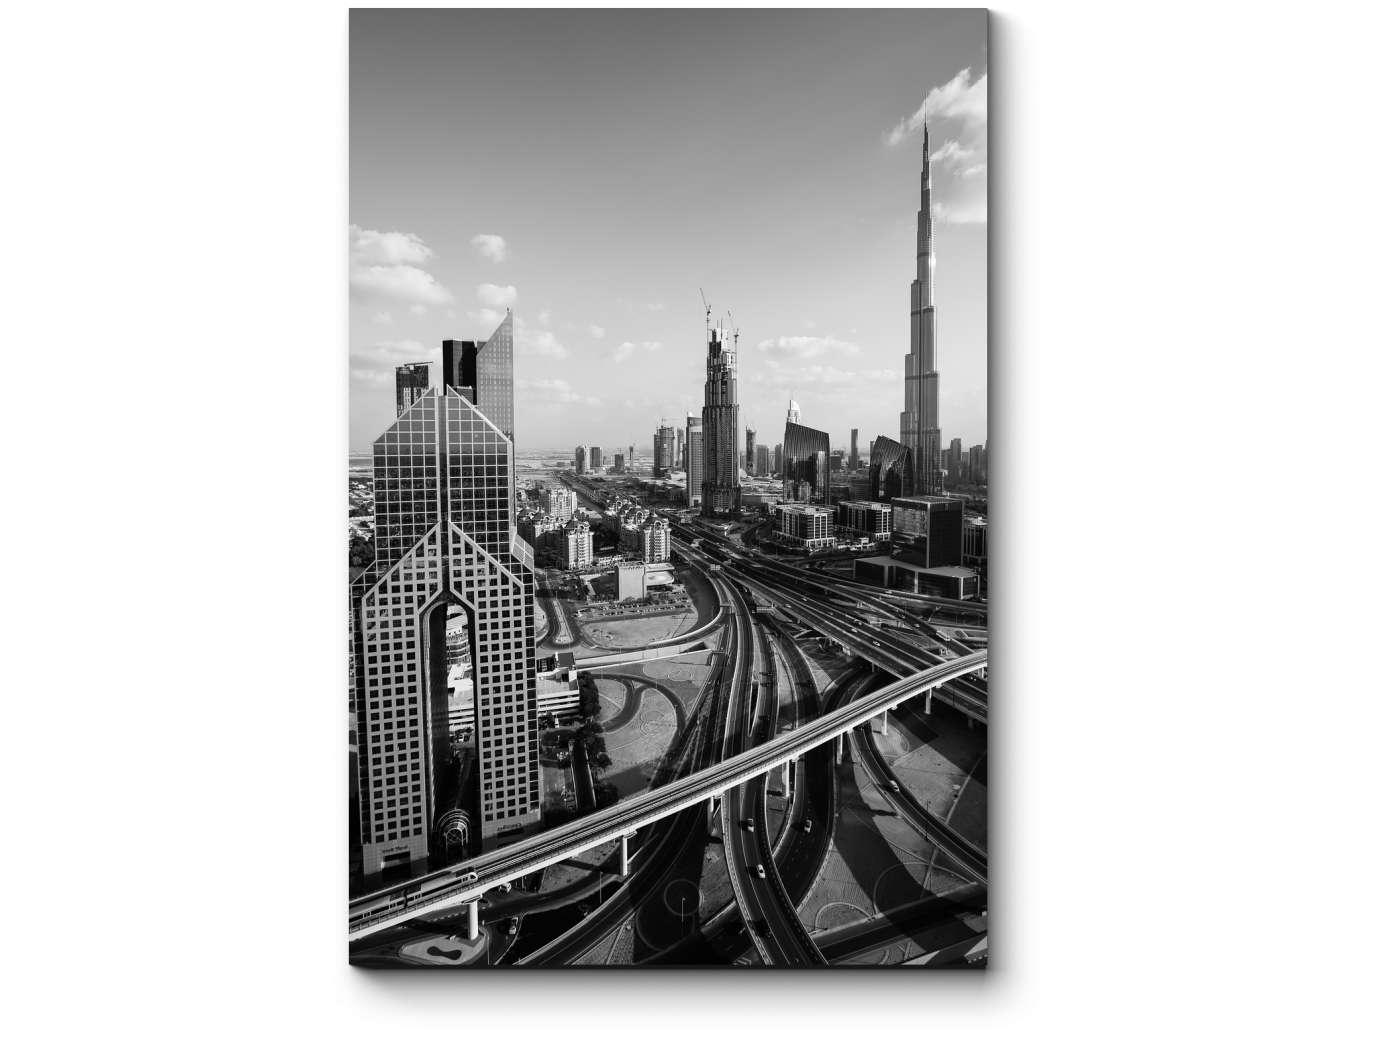 Модульная картина Строгий Даунтаун, Дубай (20x30) фото